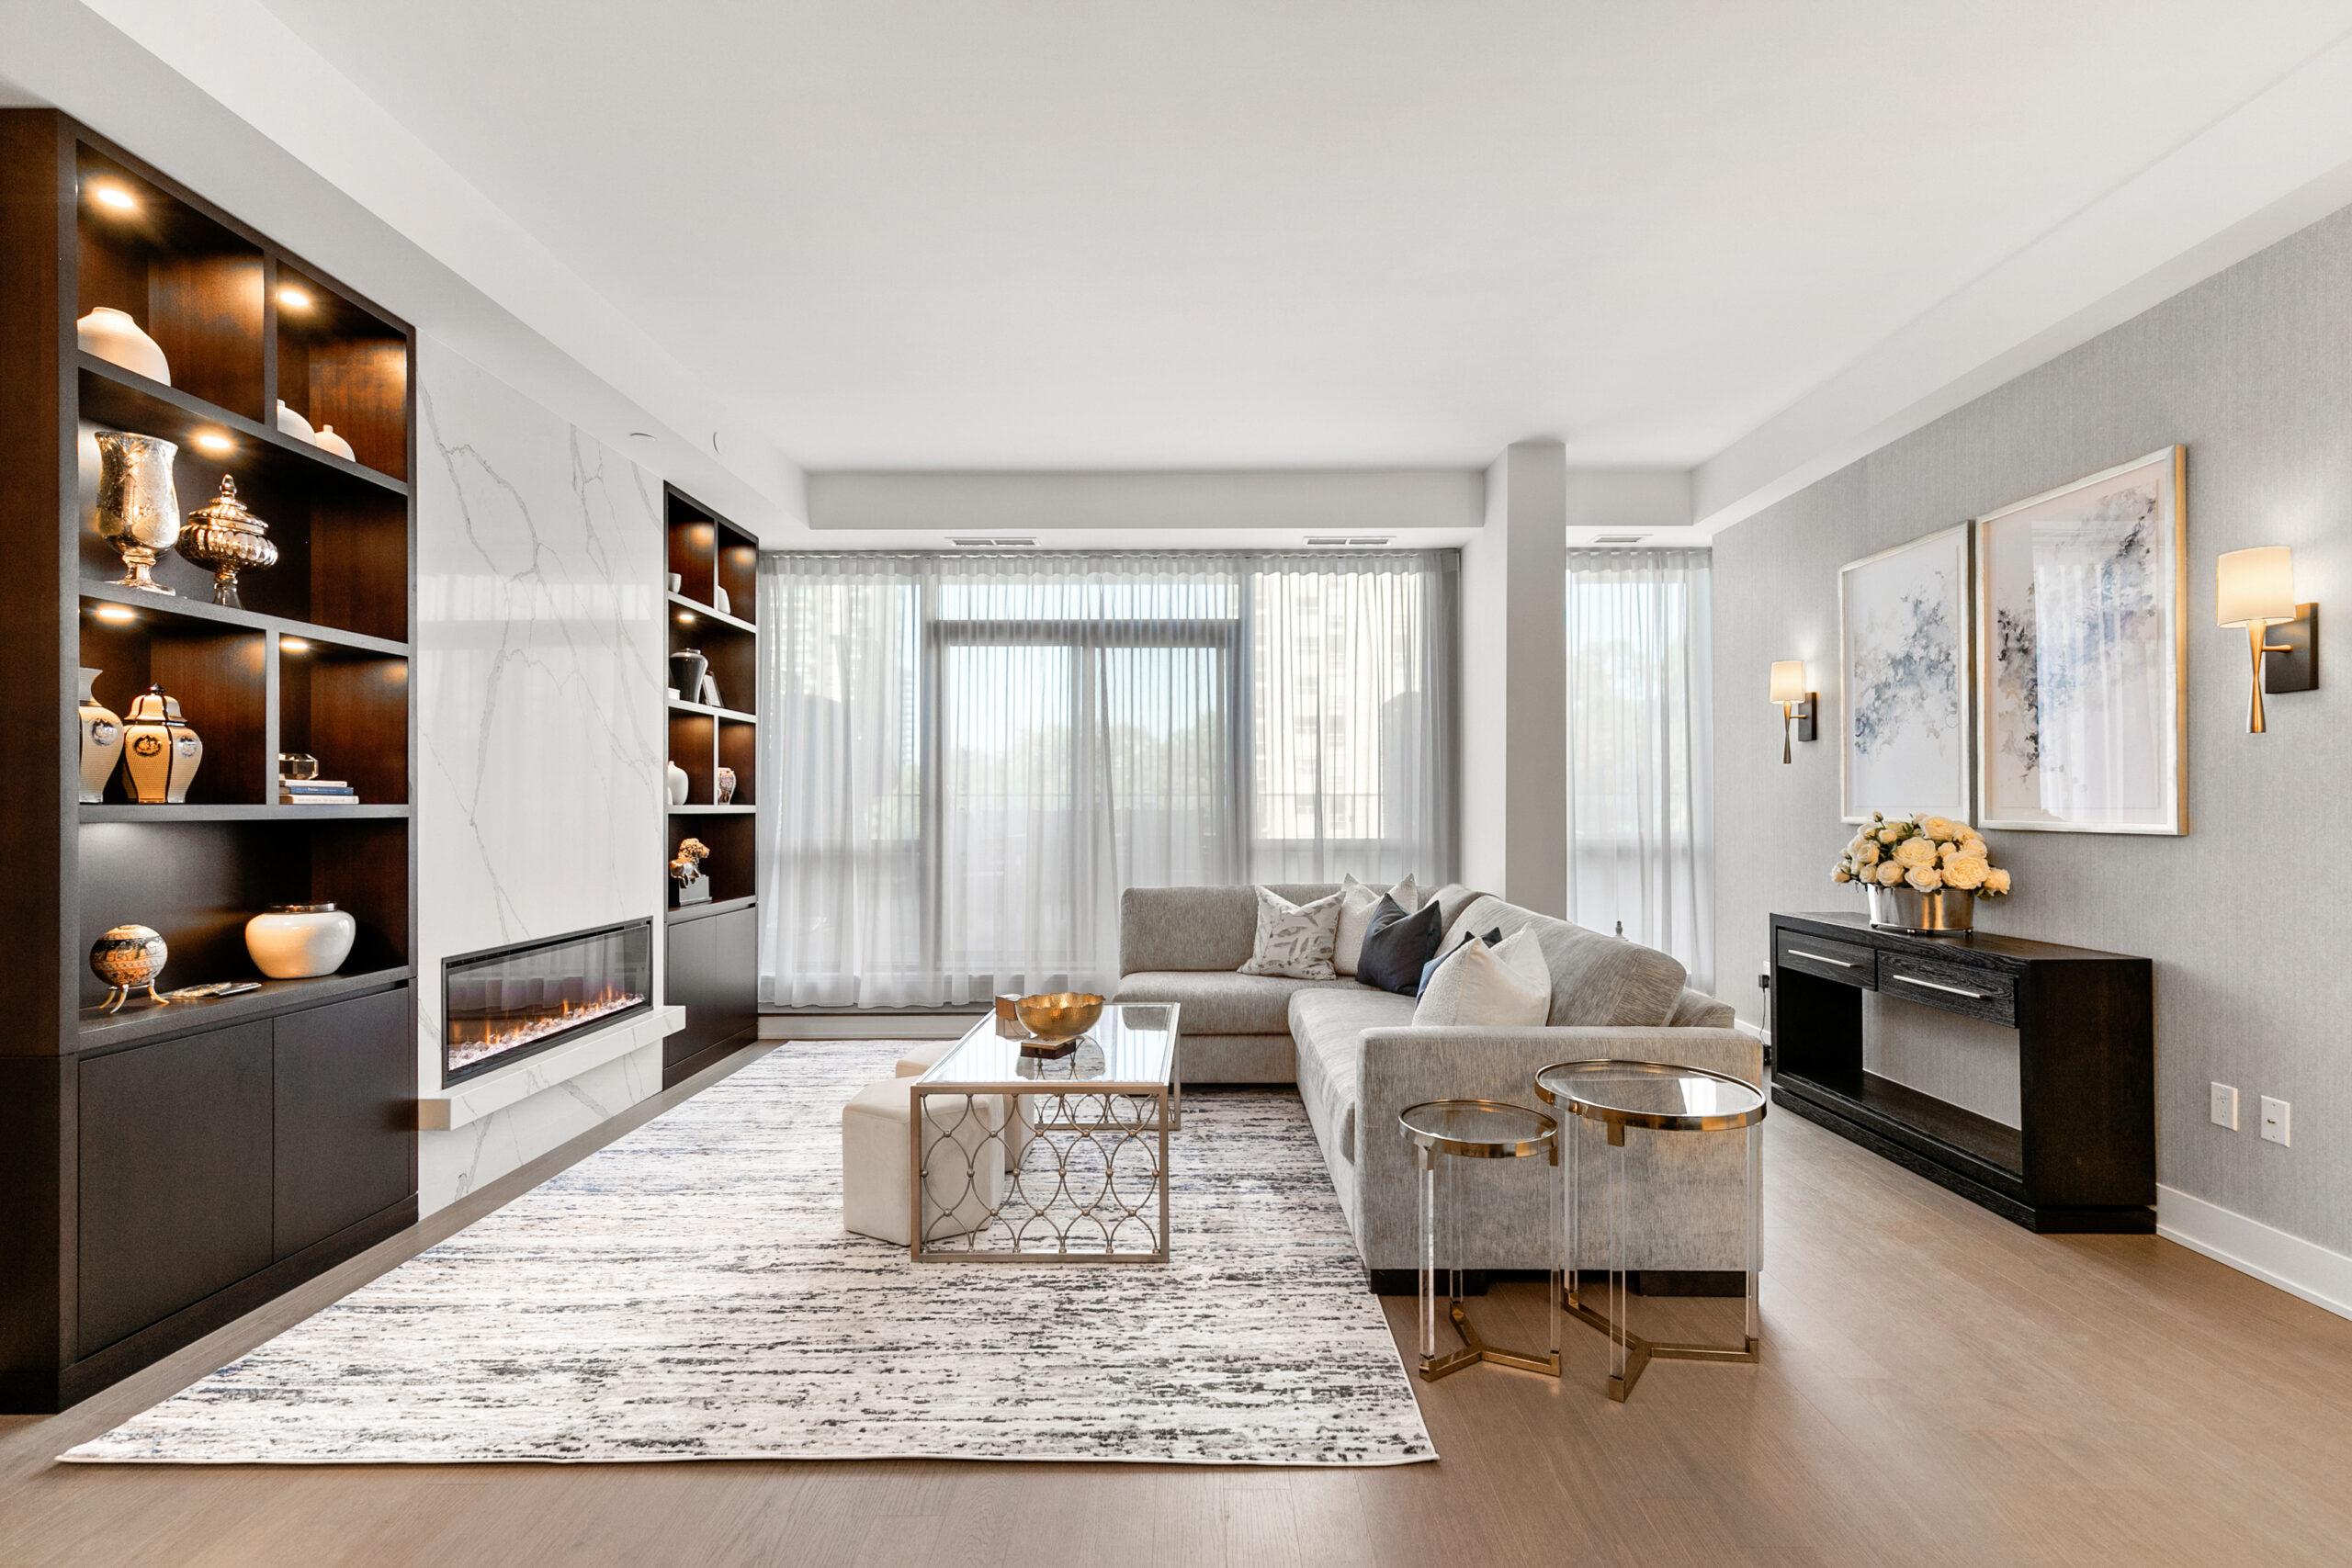 800 sq ft condo interior designers